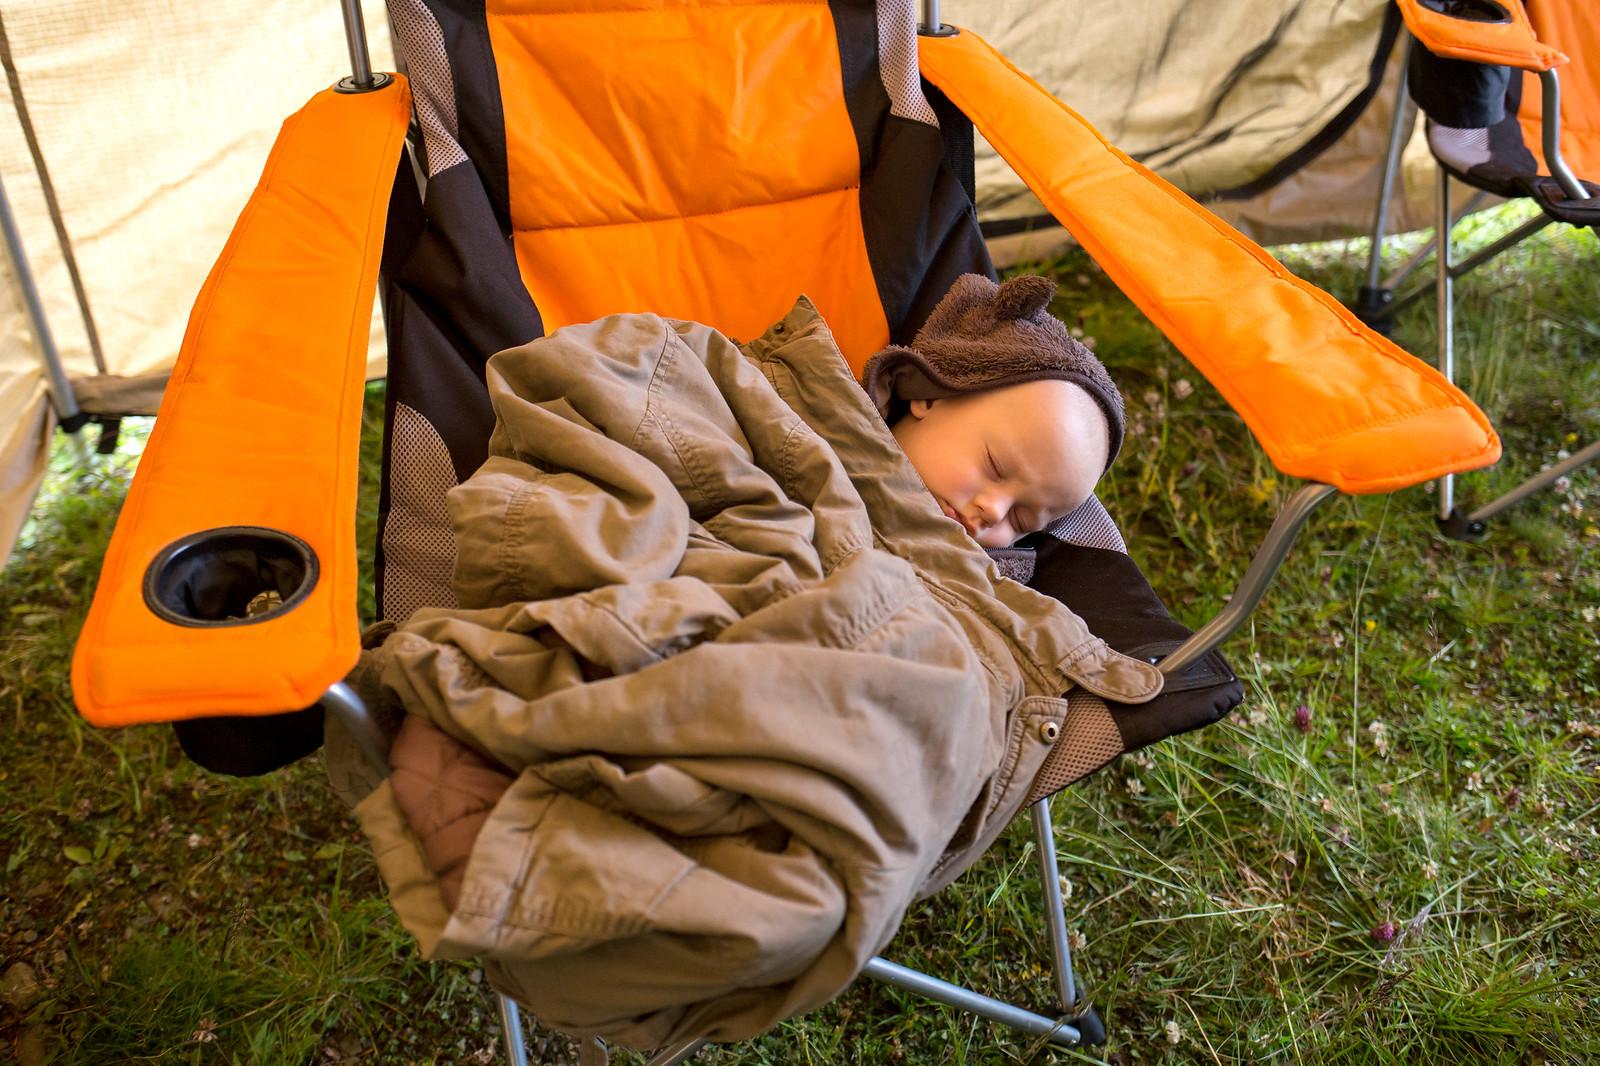 Лагерь разбили довольно рано. Так как погода была плохая, то дождик моросил то ветерок, разложил стенки у маркизы и получилось усыпить сына прямо на кресле.